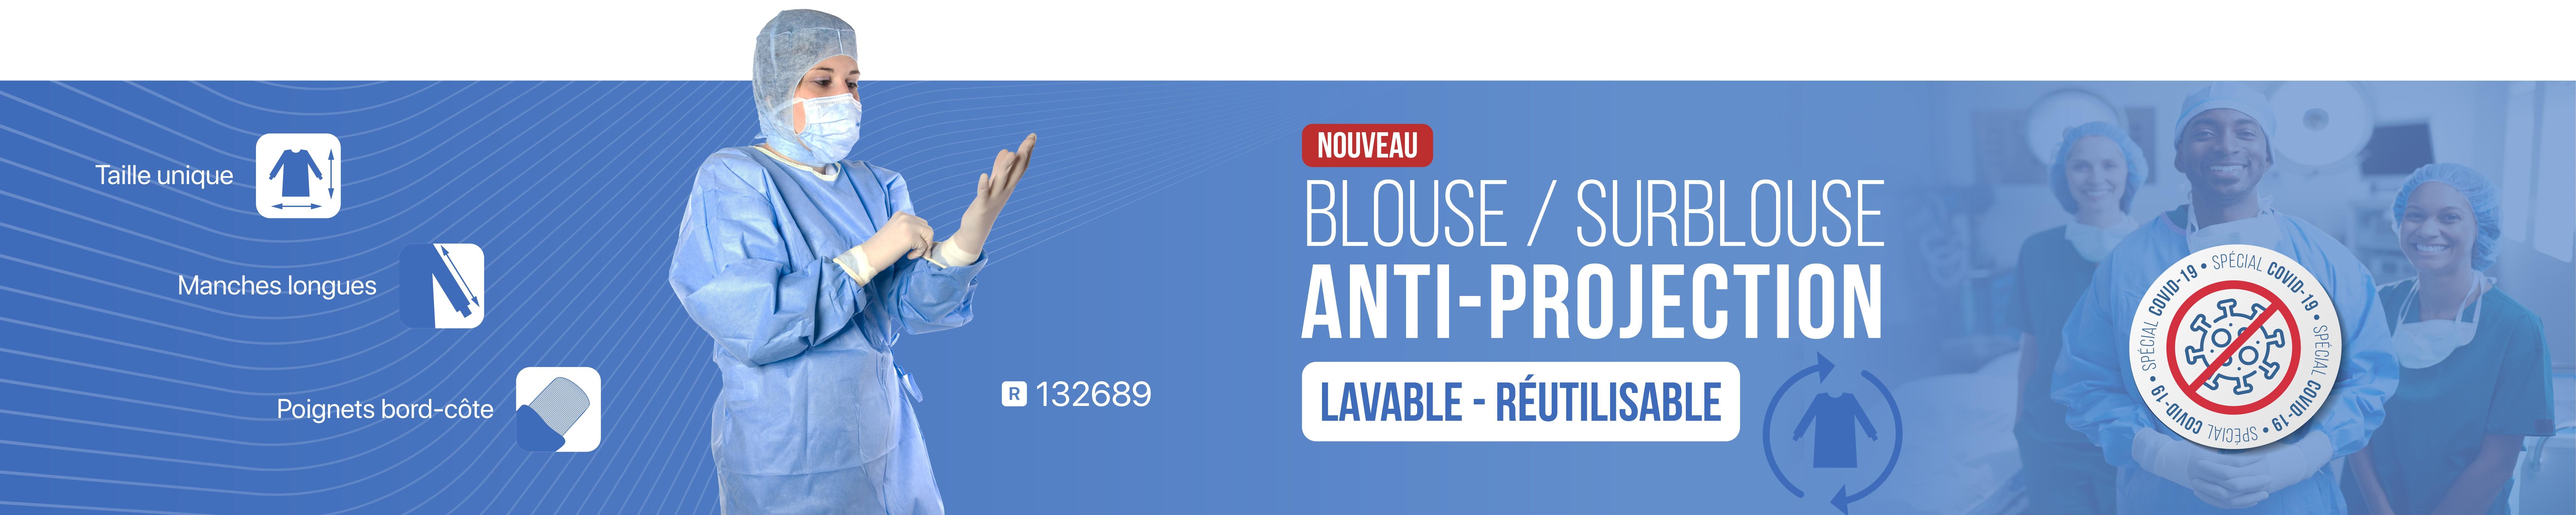 Blouse Surblouse Lavable réutilisable en Non tissé bleu anti-projection Produit spécial Covid-19